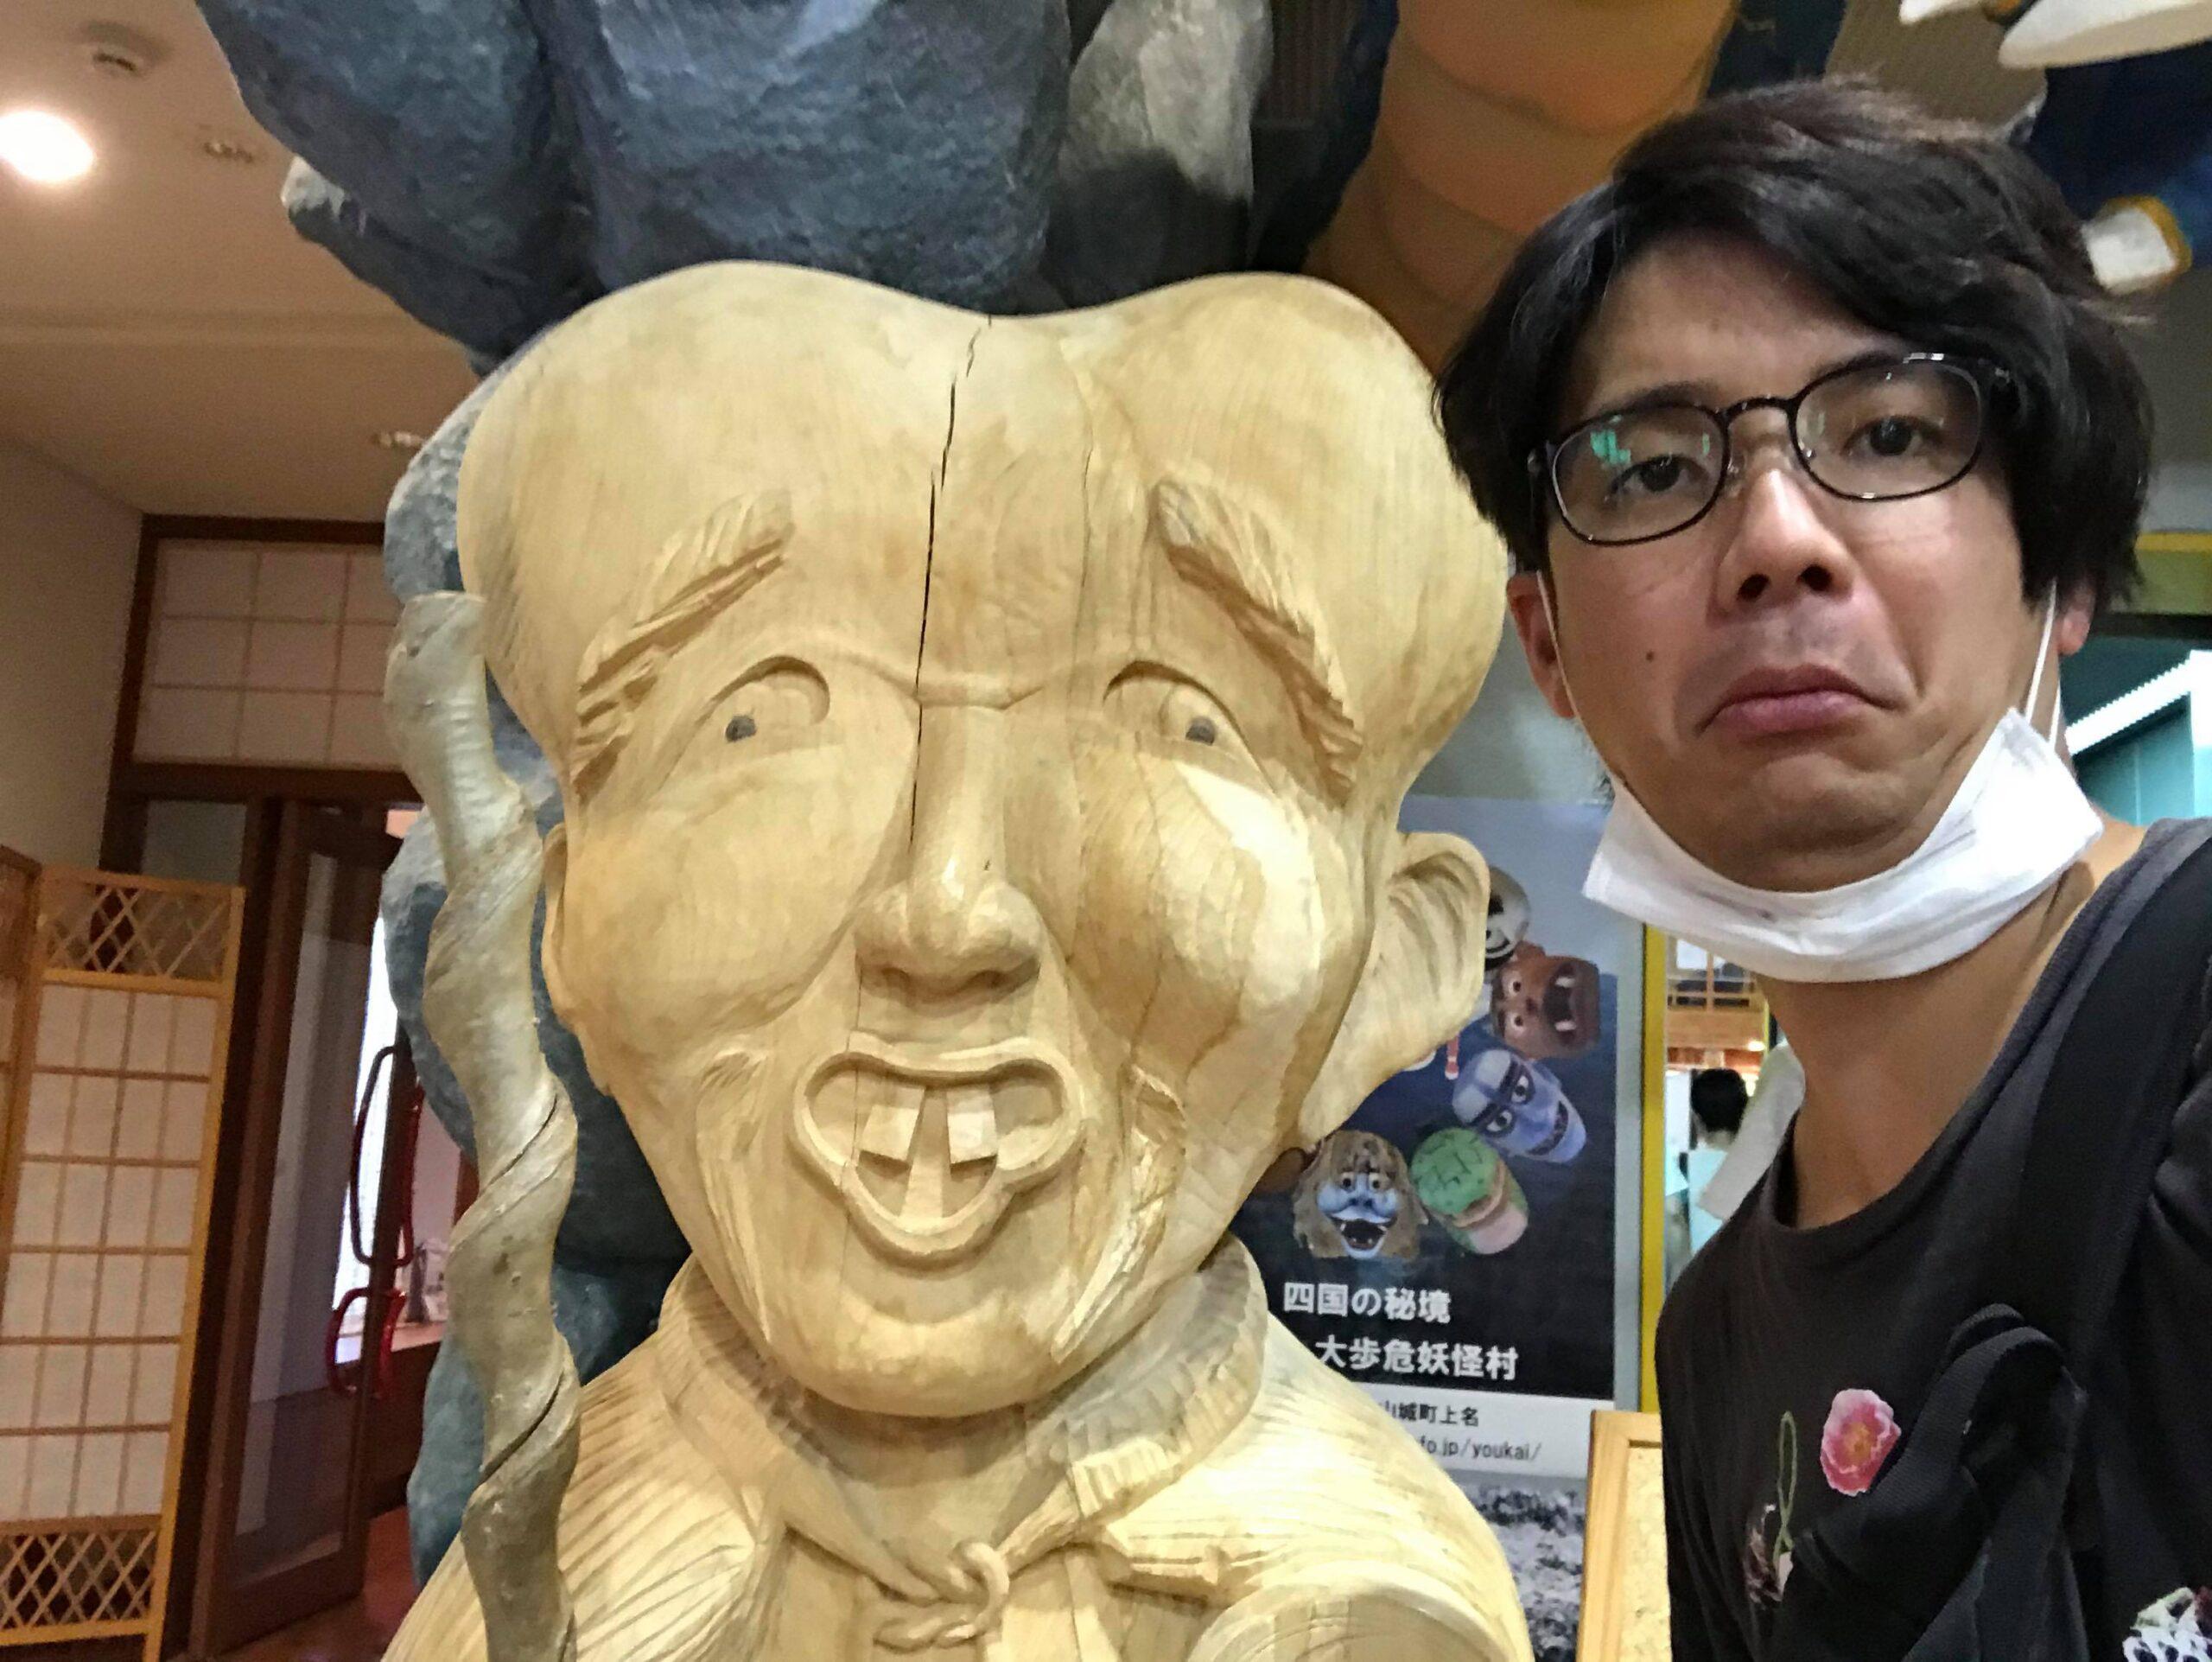 こなきじじいの木彫りと写真